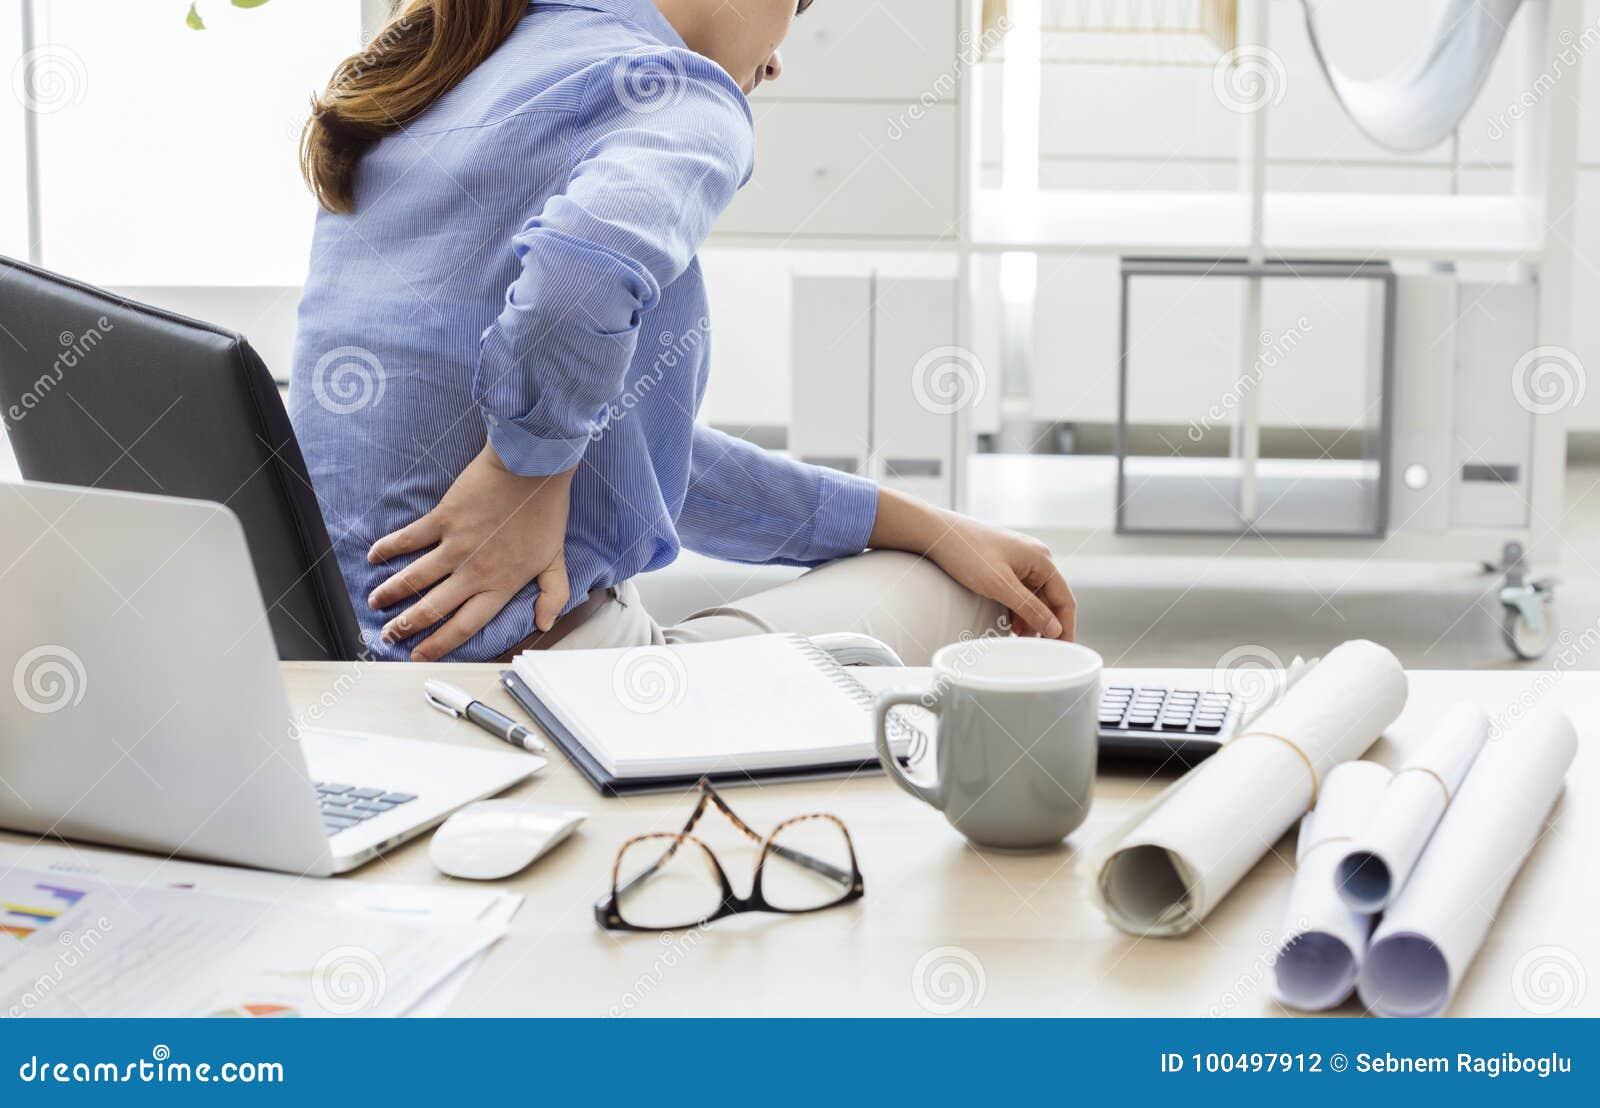 Mulher de negócios com da dor parte traseira dentro